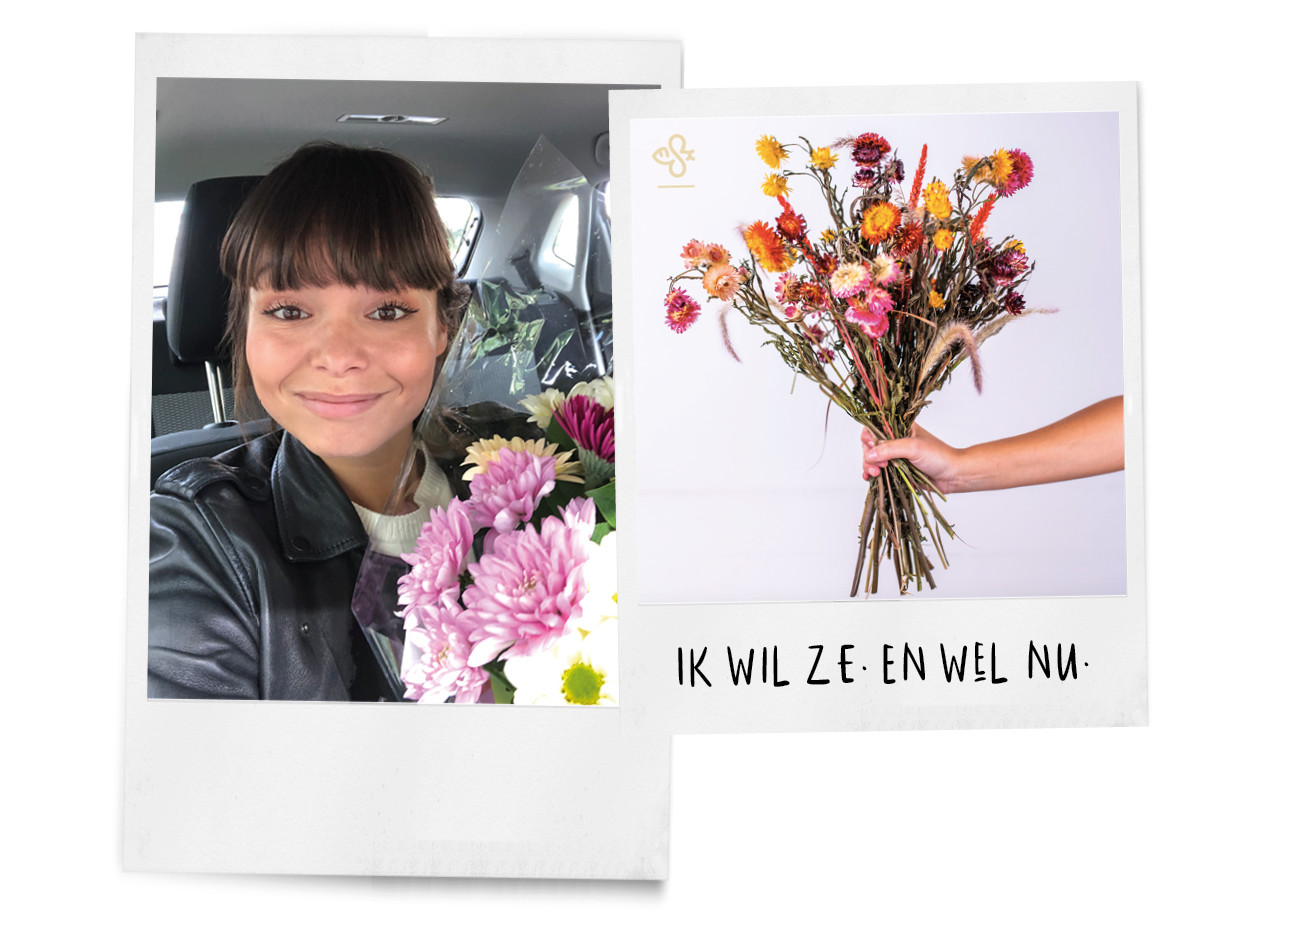 Kiki die met een bos bloemen in de auto zit en een bos gedroogde bloemen naast haar heeft